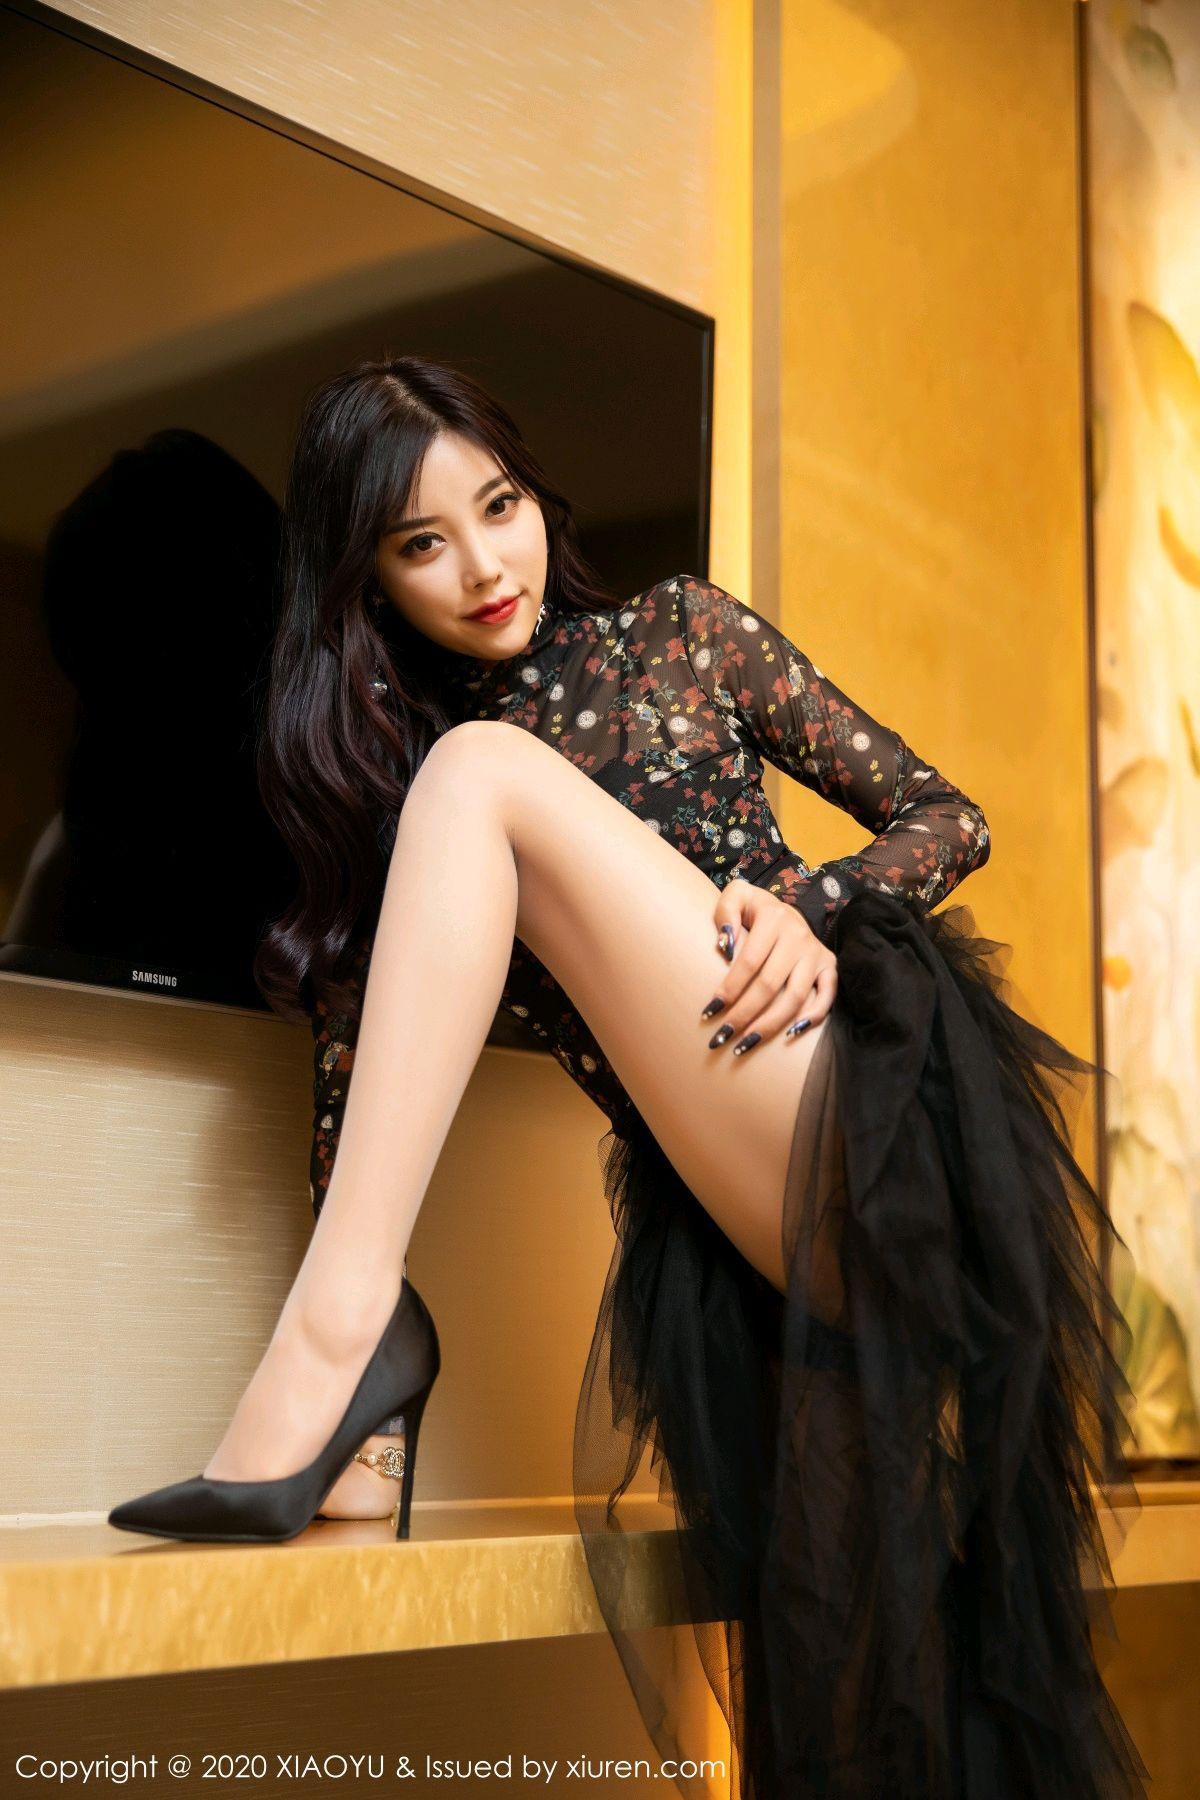 [XiaoYu] Vol.289 Yang Chen Chen 12P, Underwear, XiaoYu, Yang Chen Chen